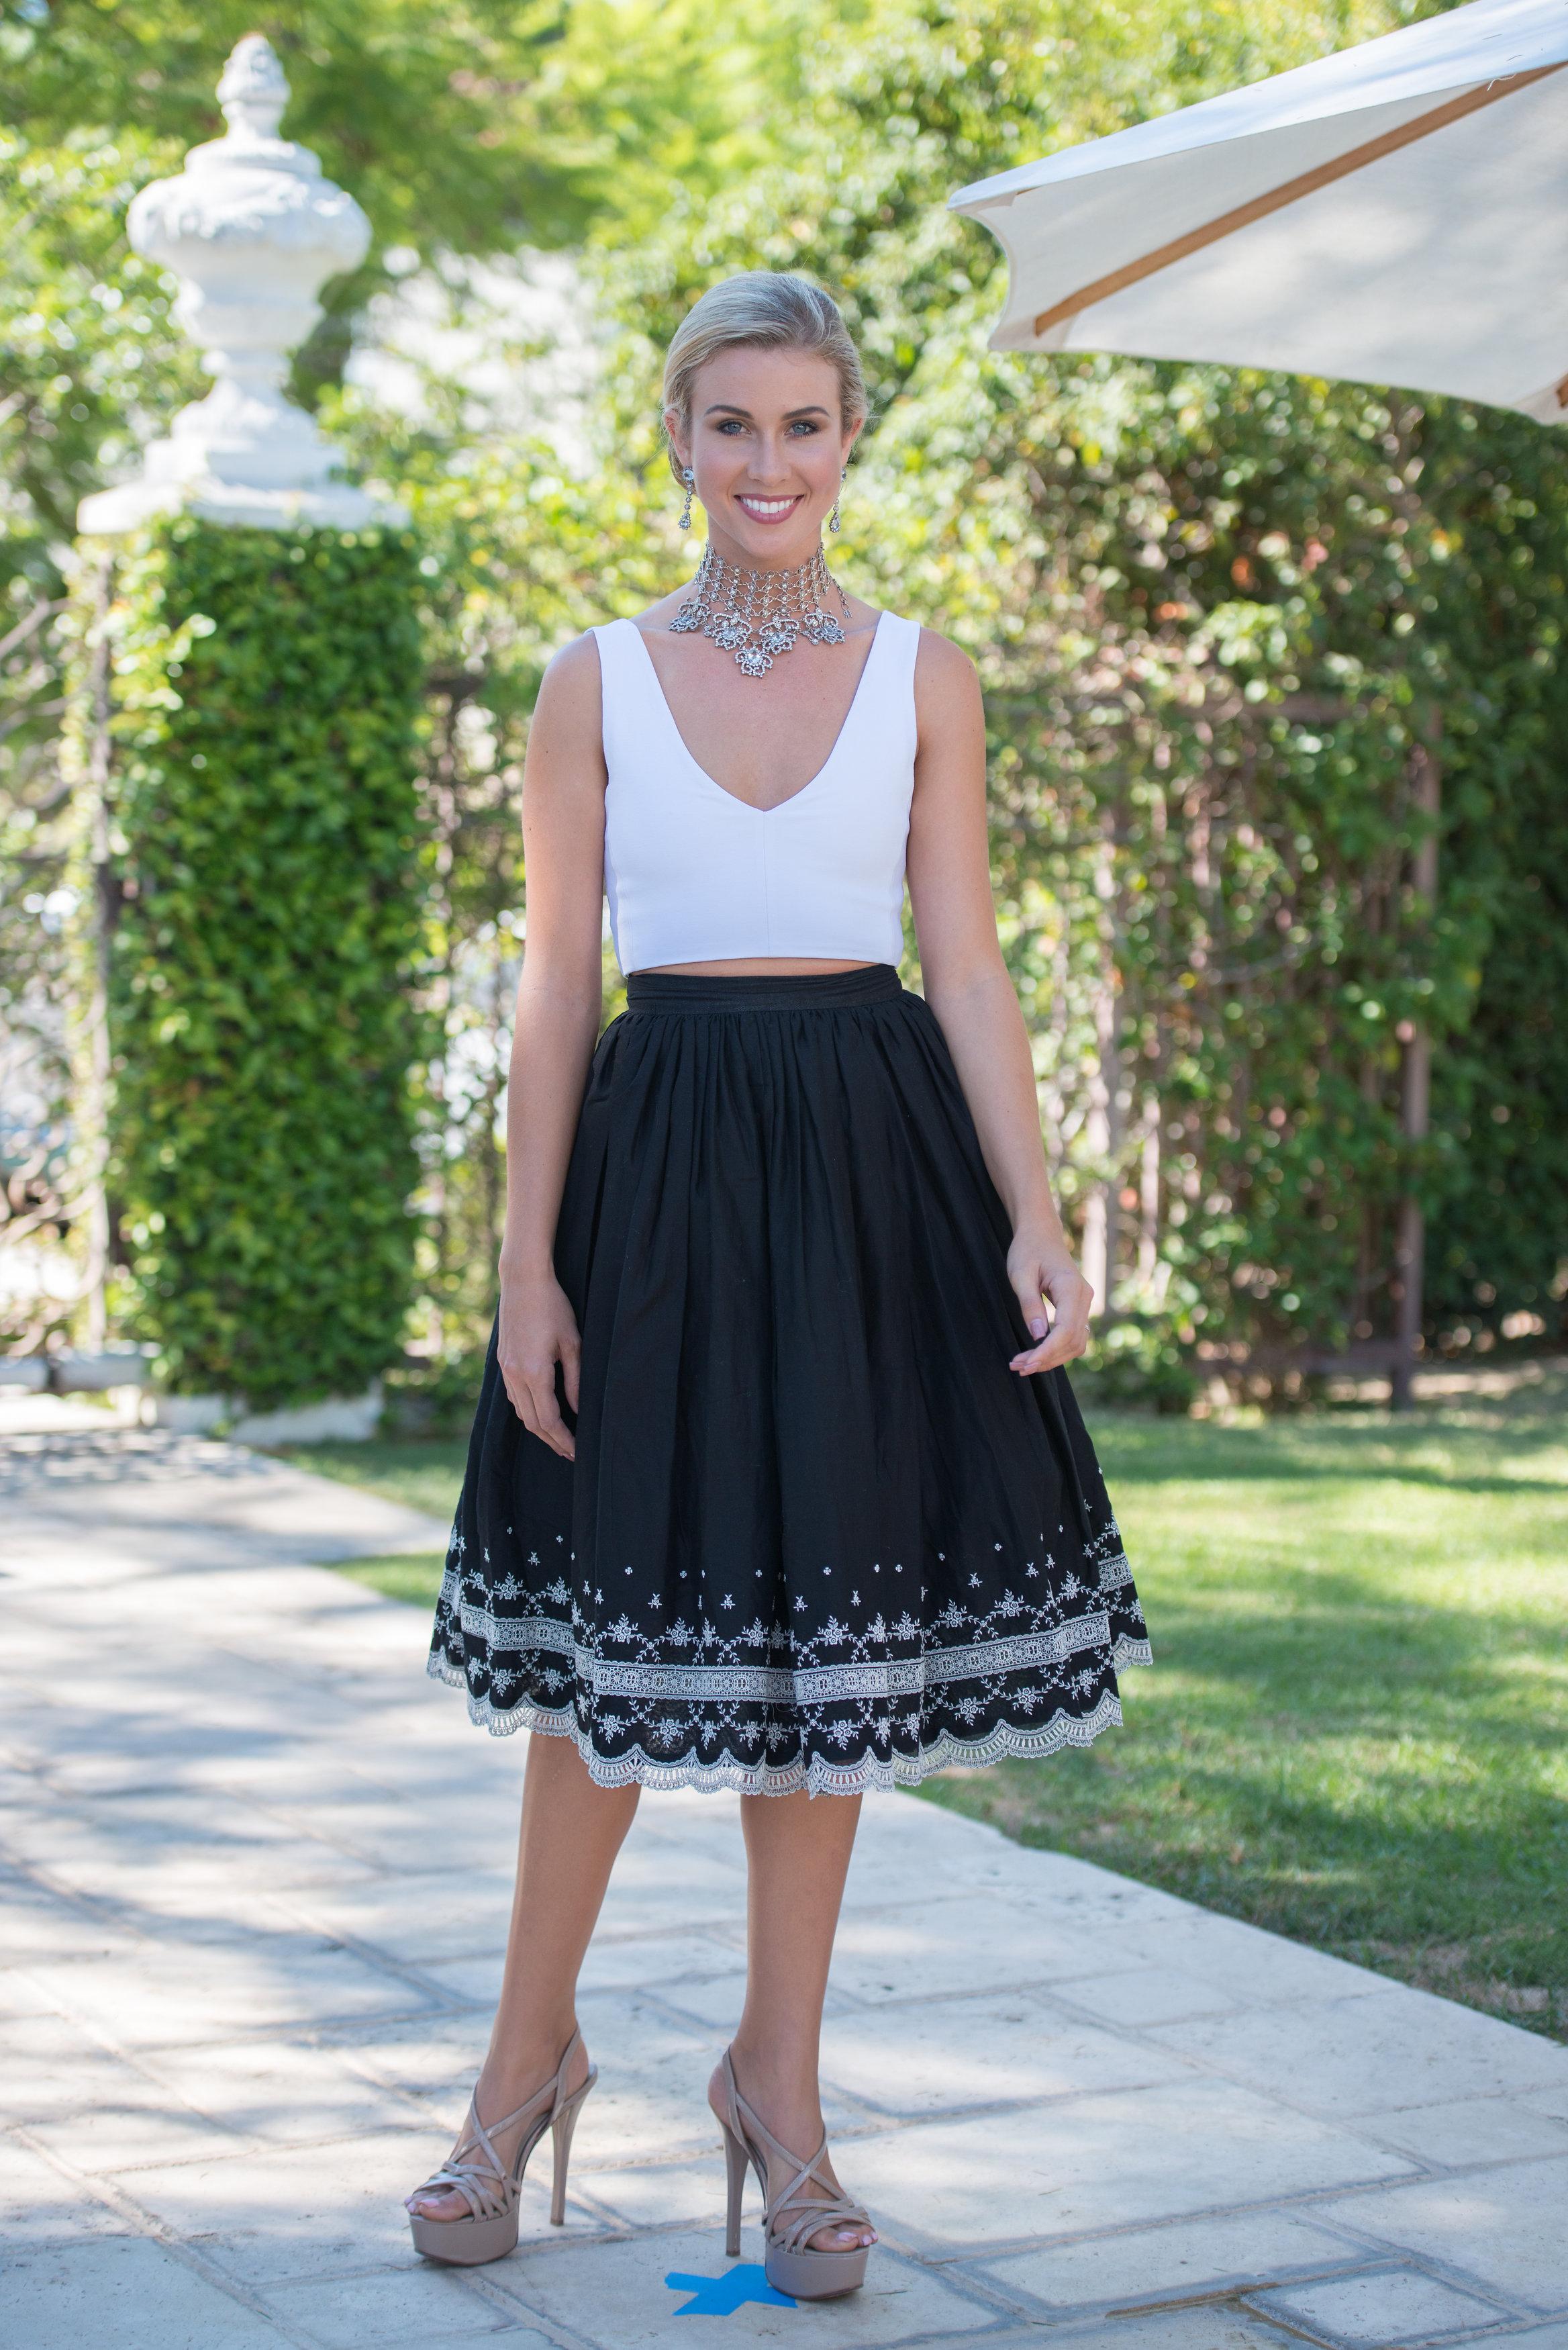 Miss Earth 2014 models Ramona Haar jewelry